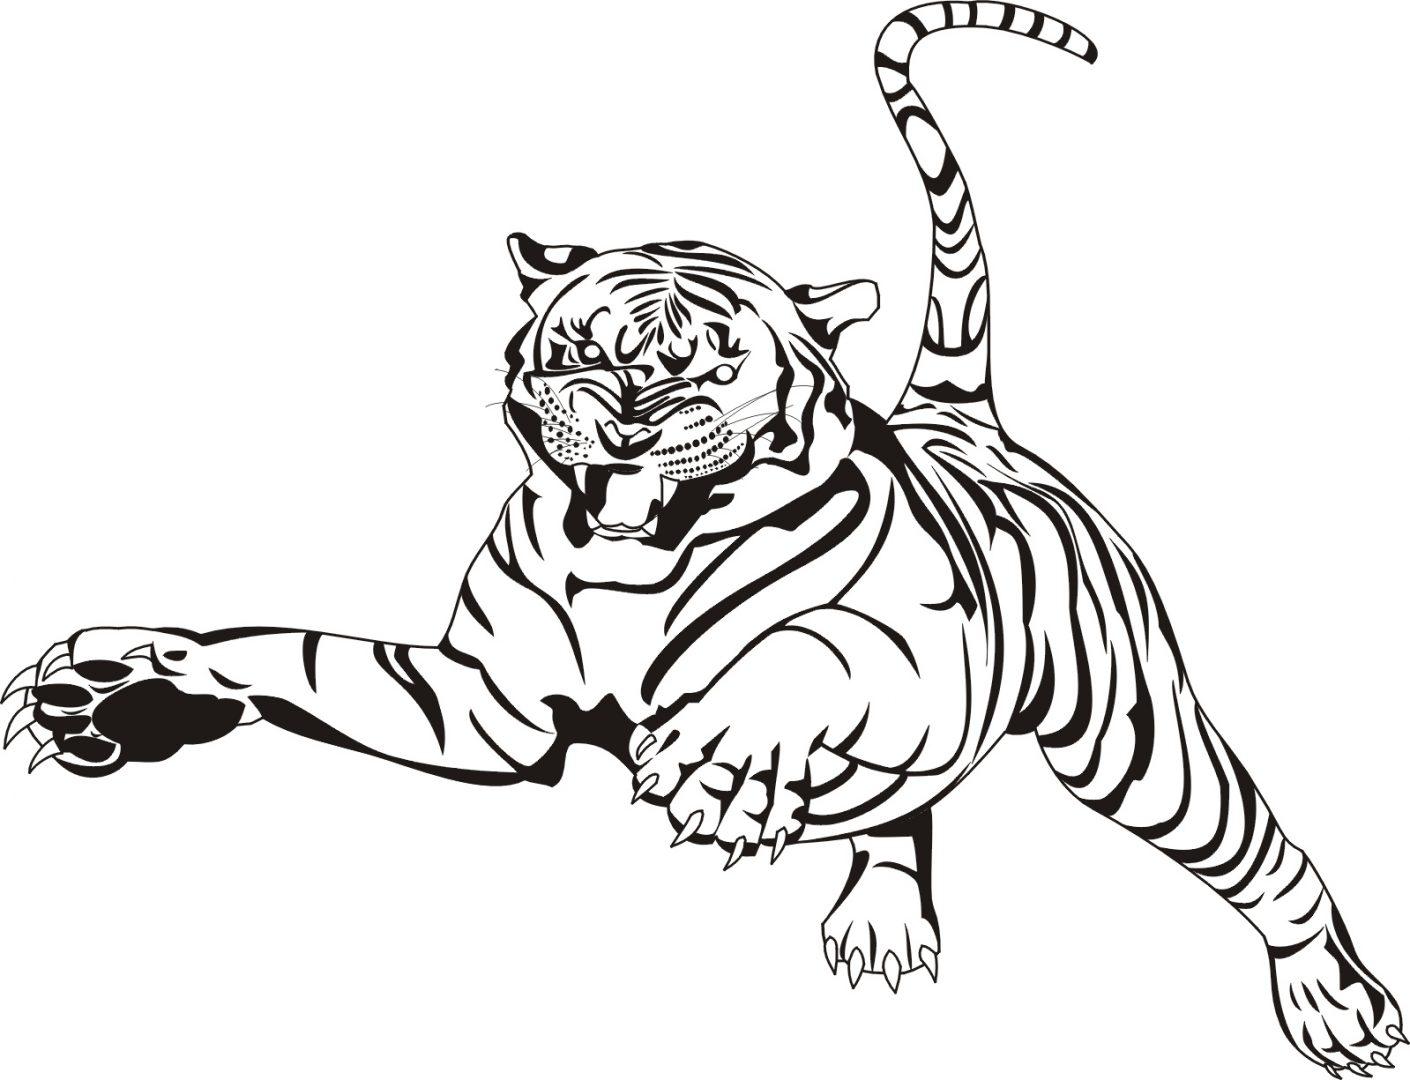 Dibujo de tigre saltando :: Imágenes y fotos